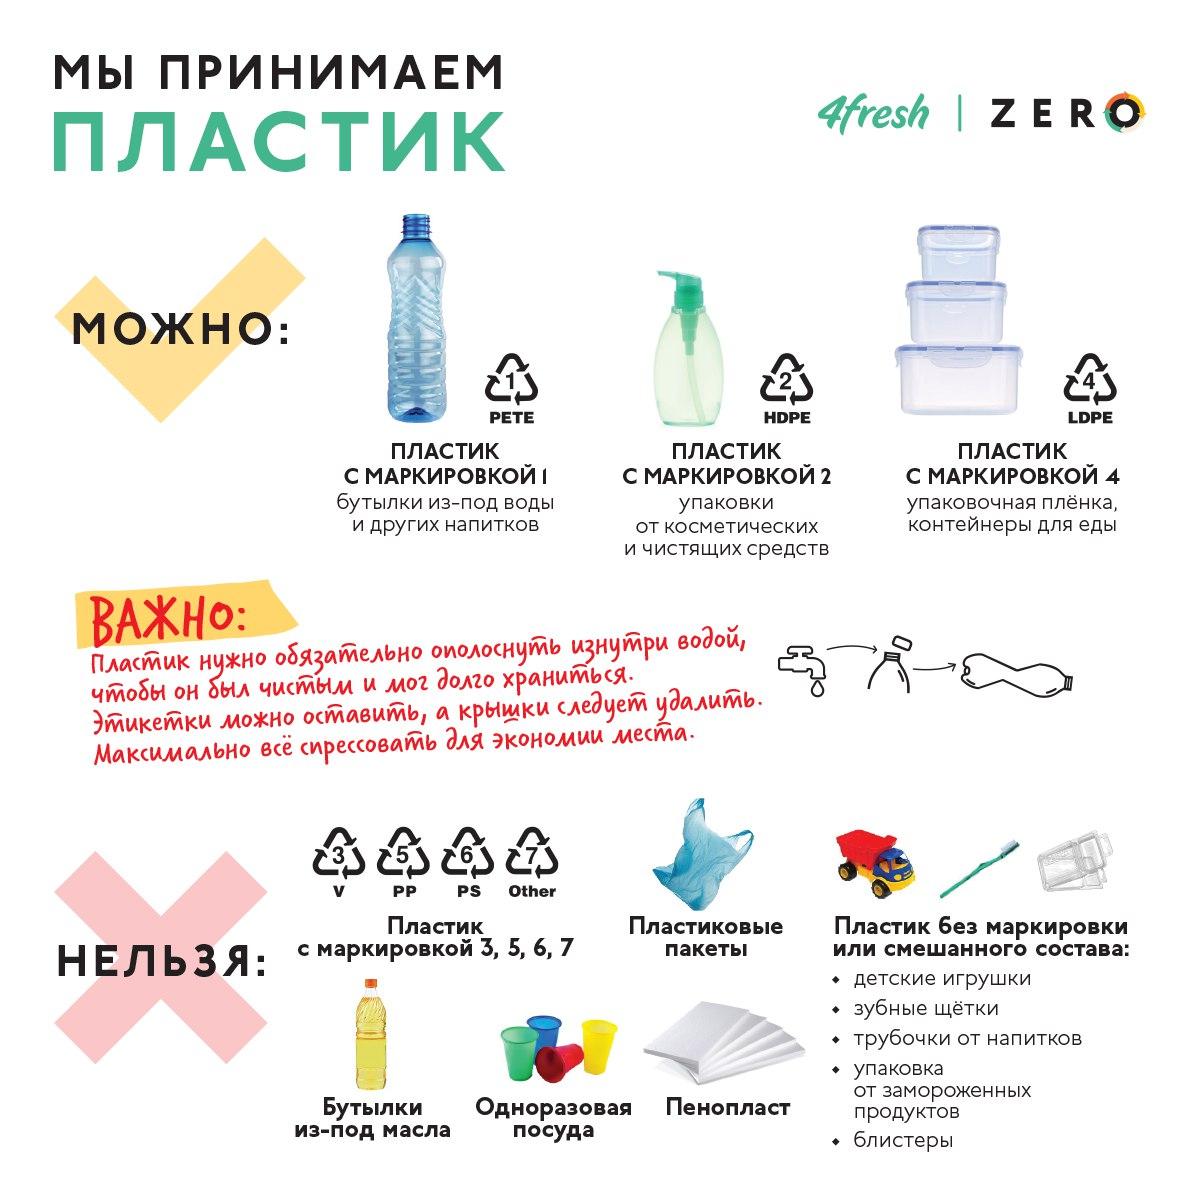 4fresh zero plastik